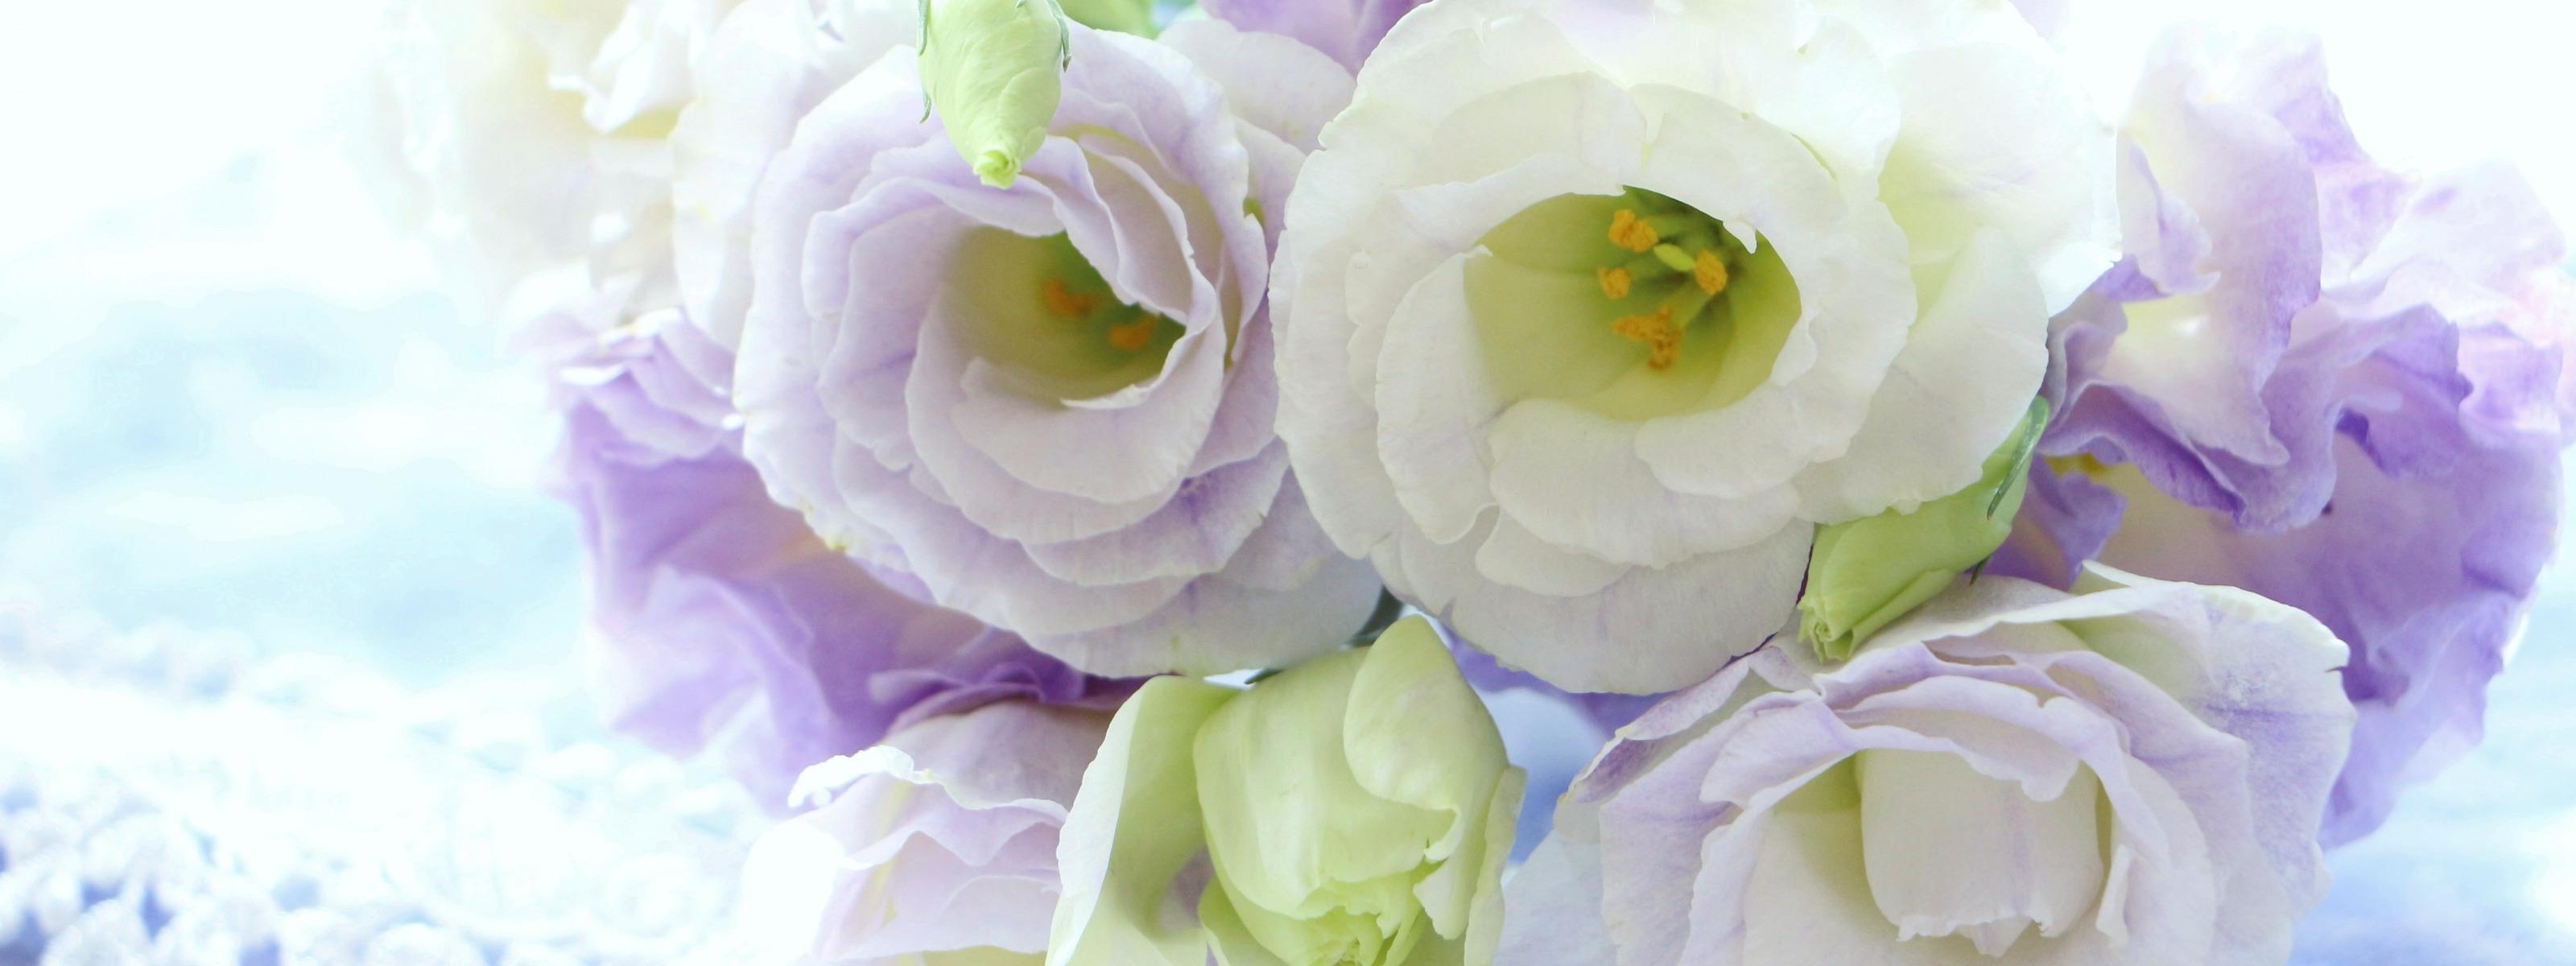 цветы эустома обои на рабочий стол